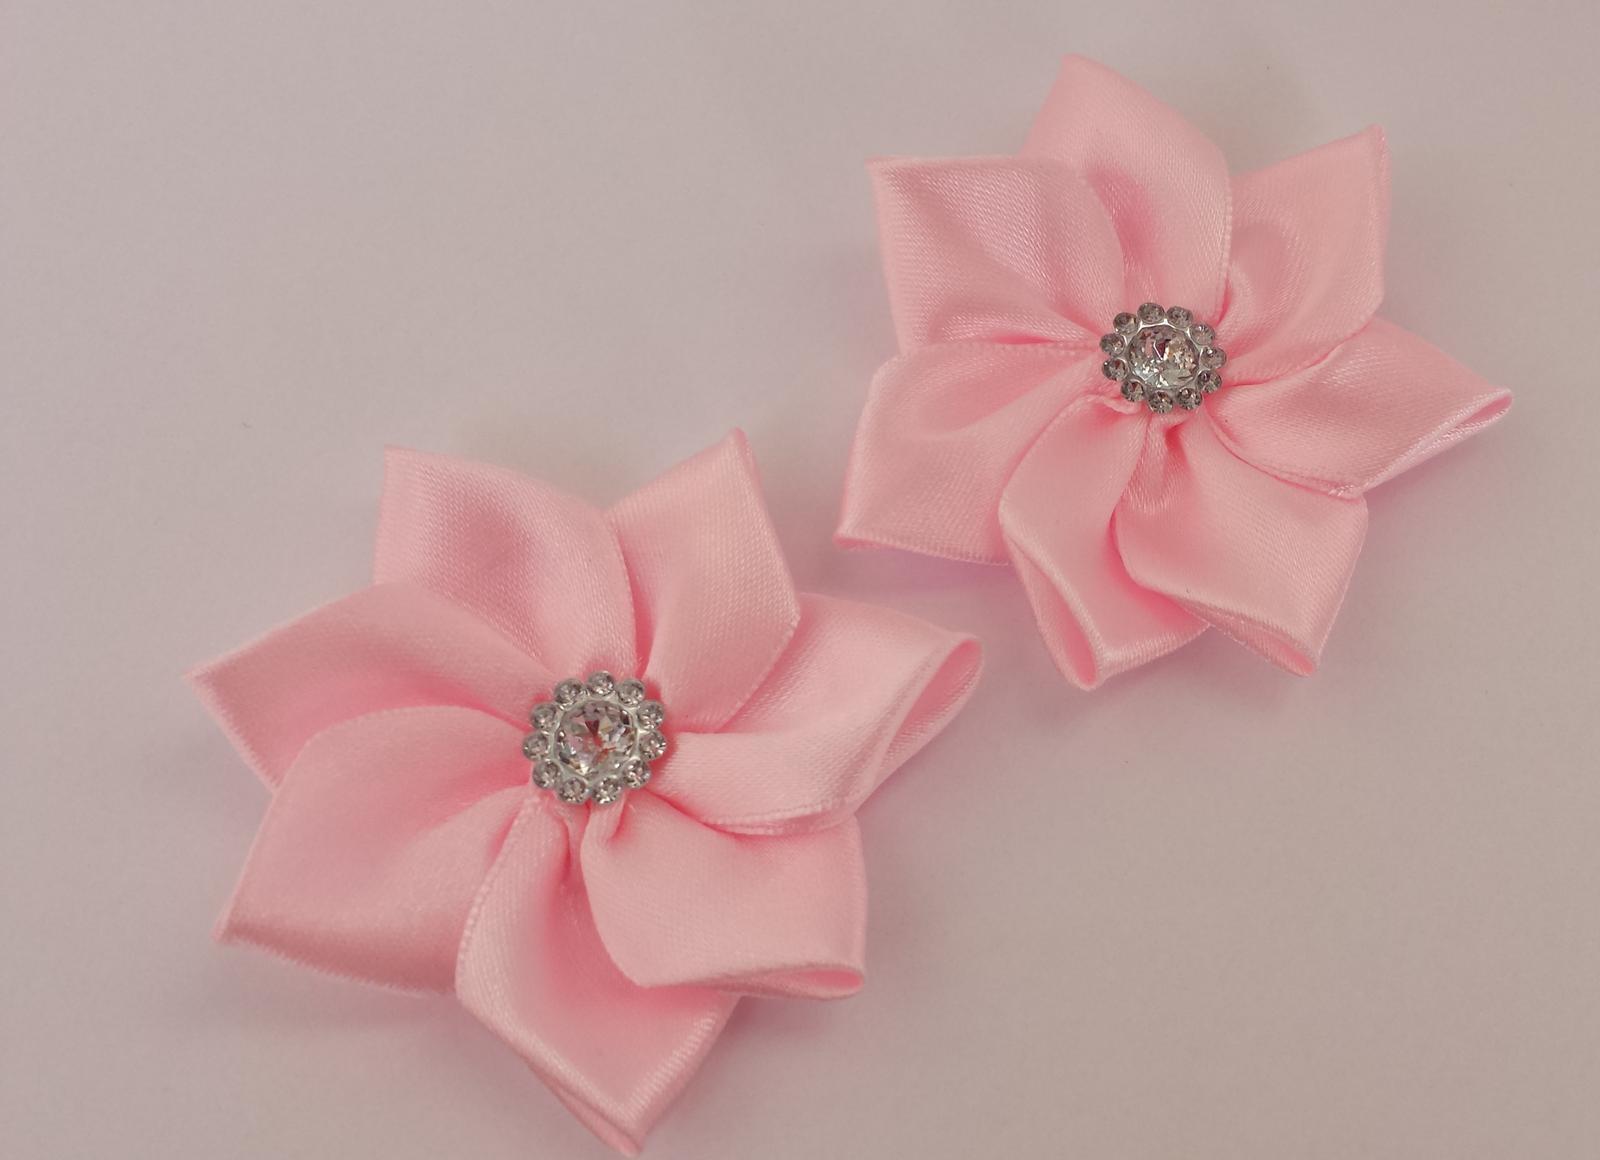 Růžové klipy na boty pro nevěstu - kanzashi - Obrázek č. 1